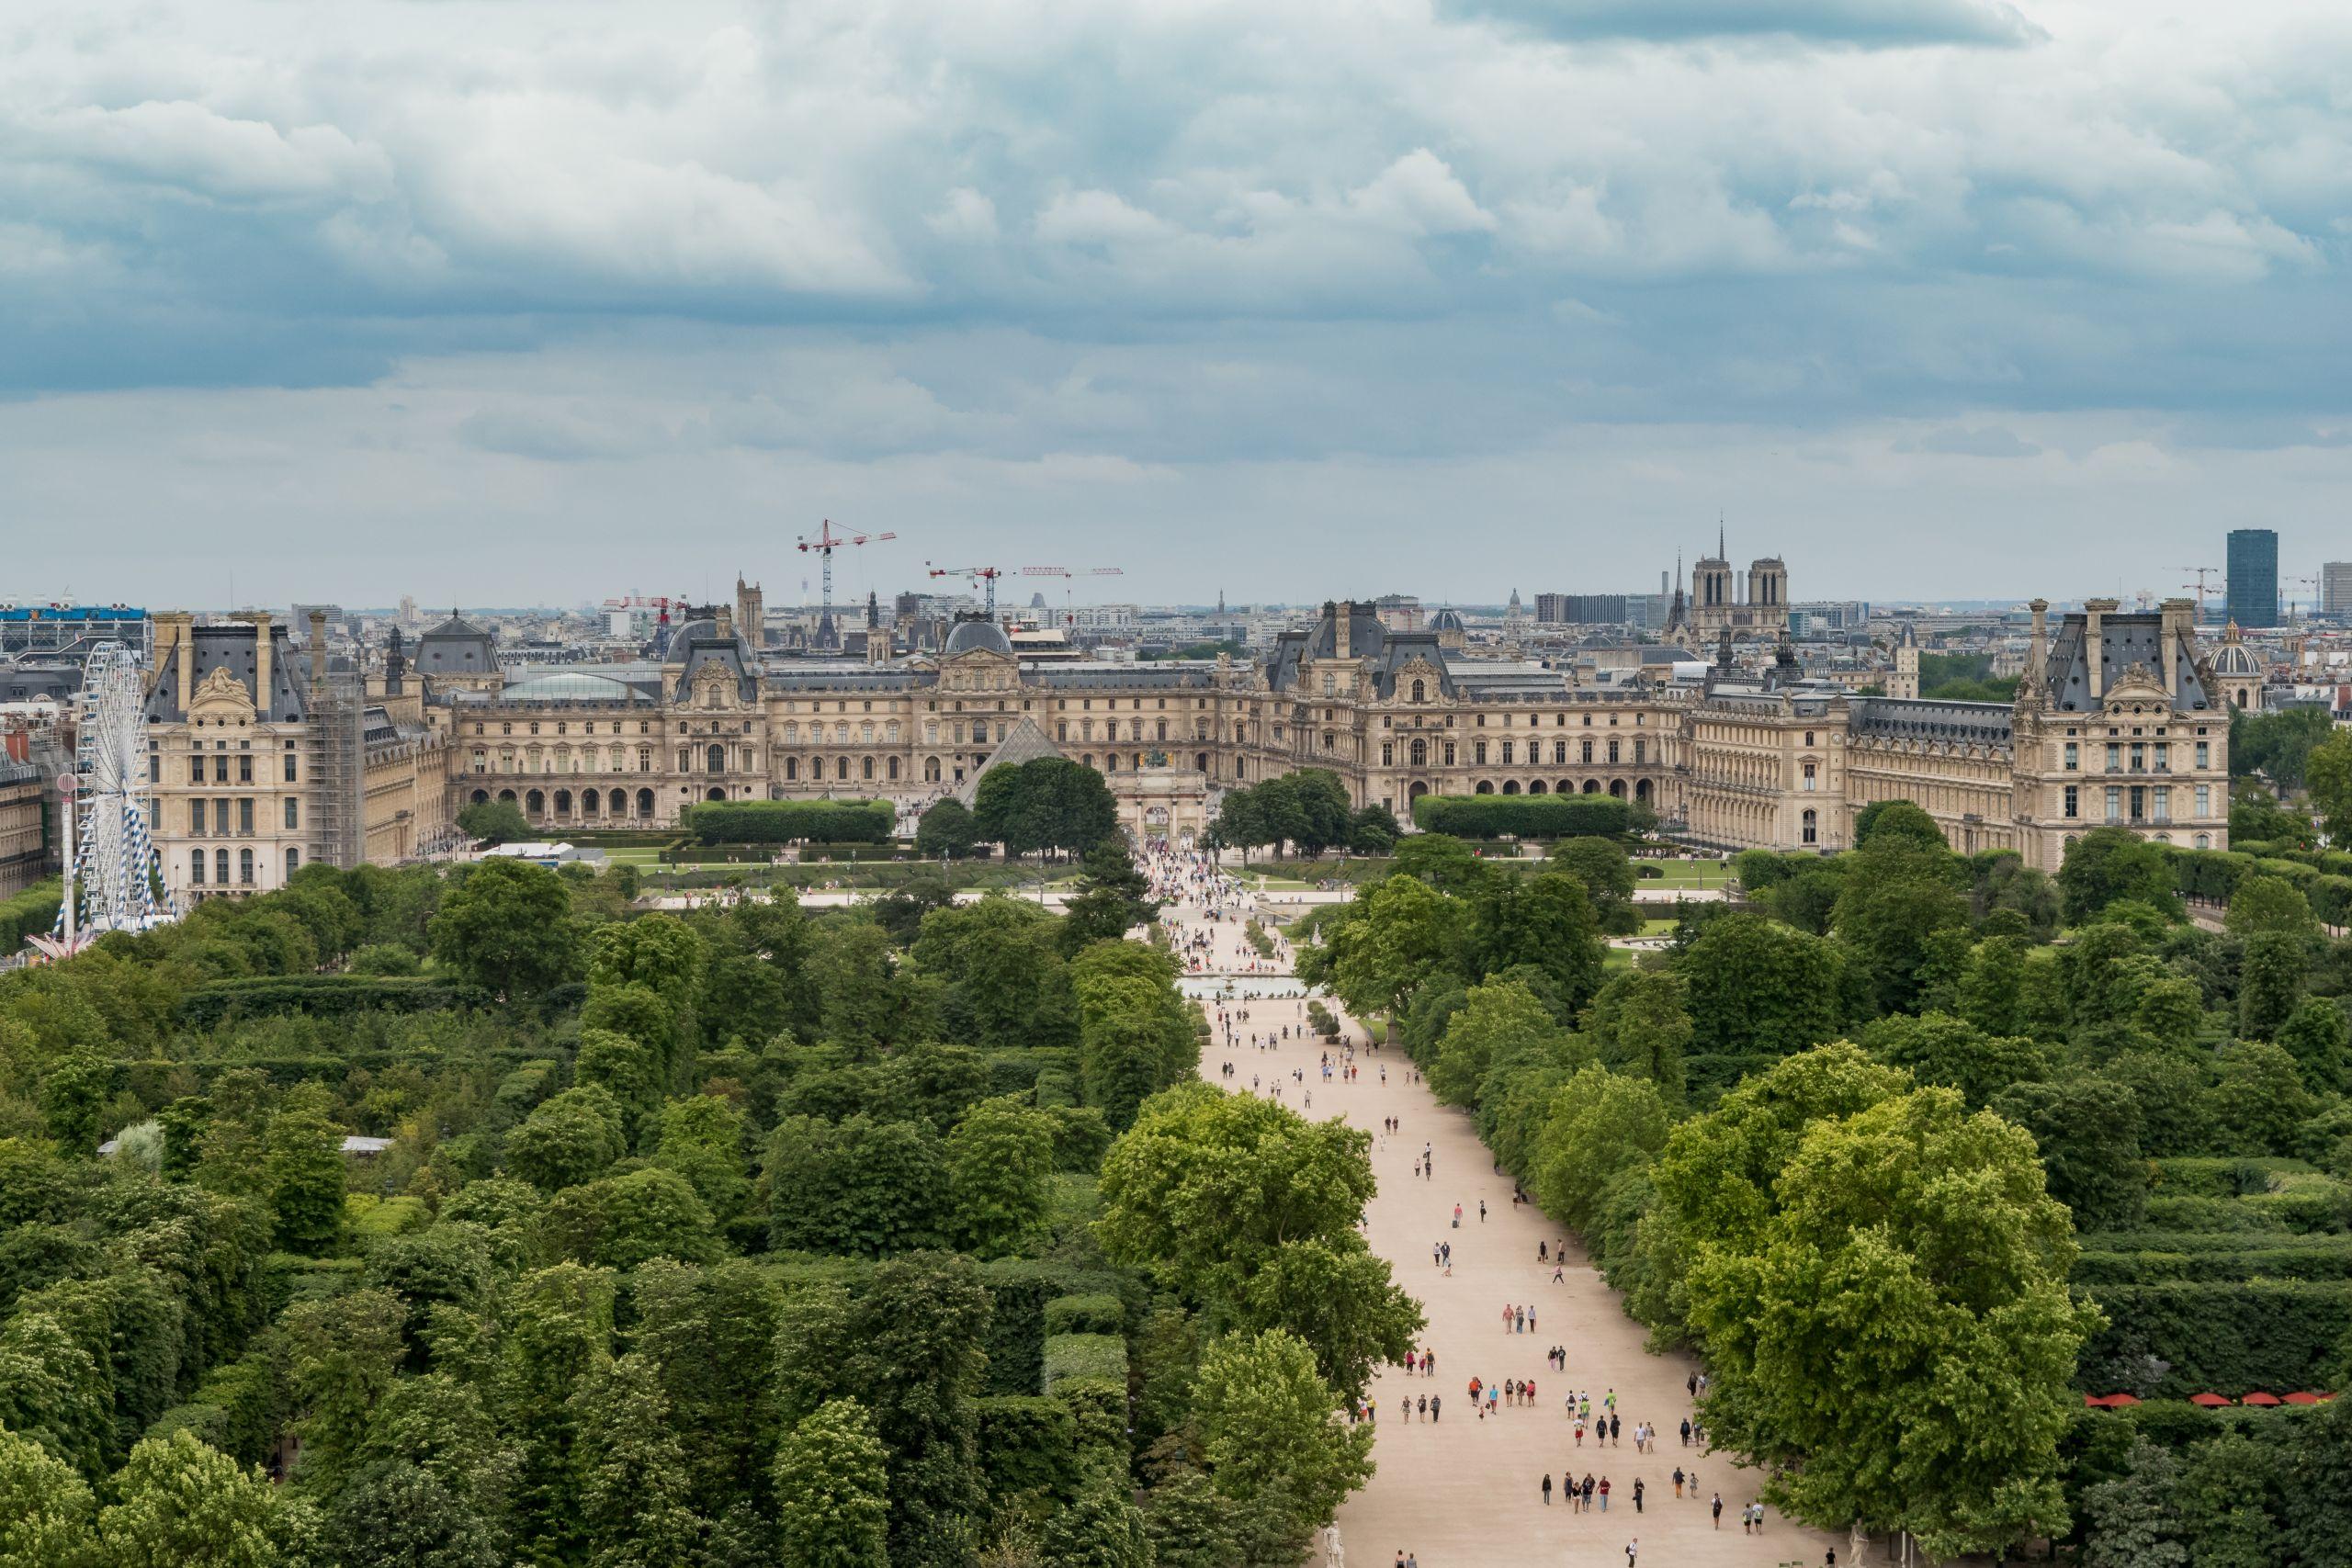 Louvre Museum from the Roue de Paris 11 July 2016